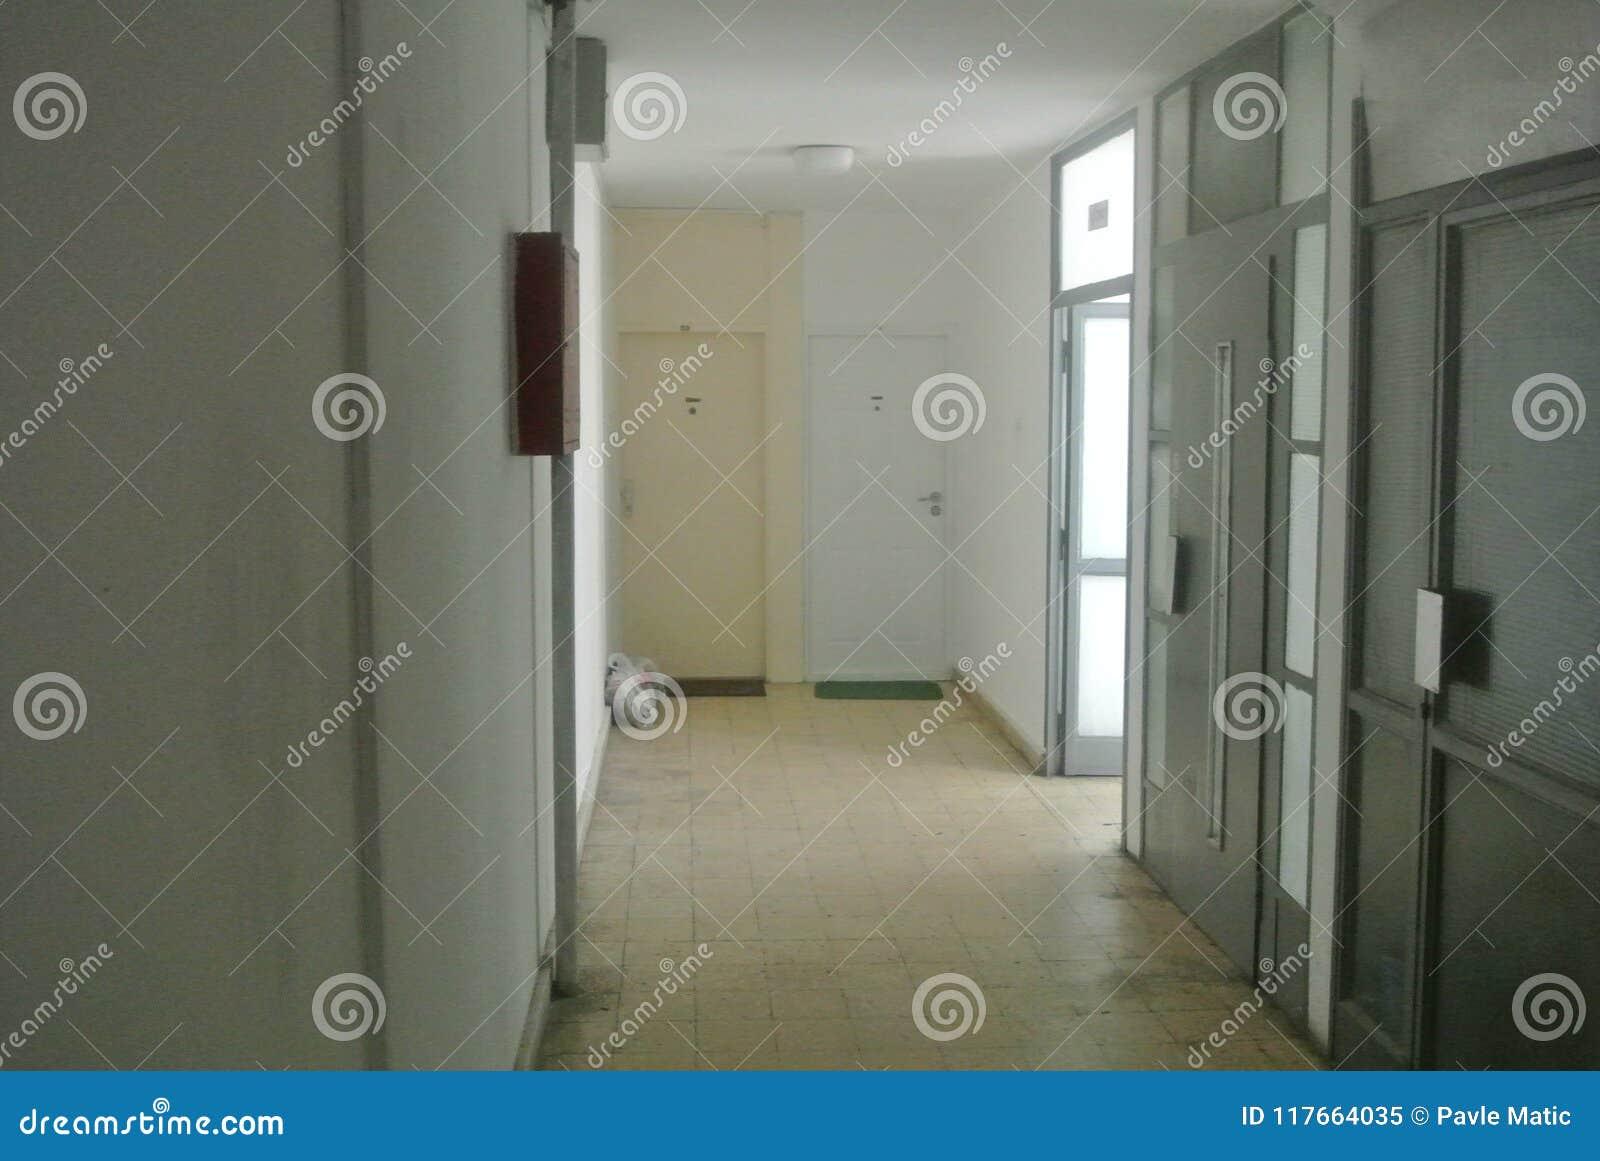 Korridor i en byggnad